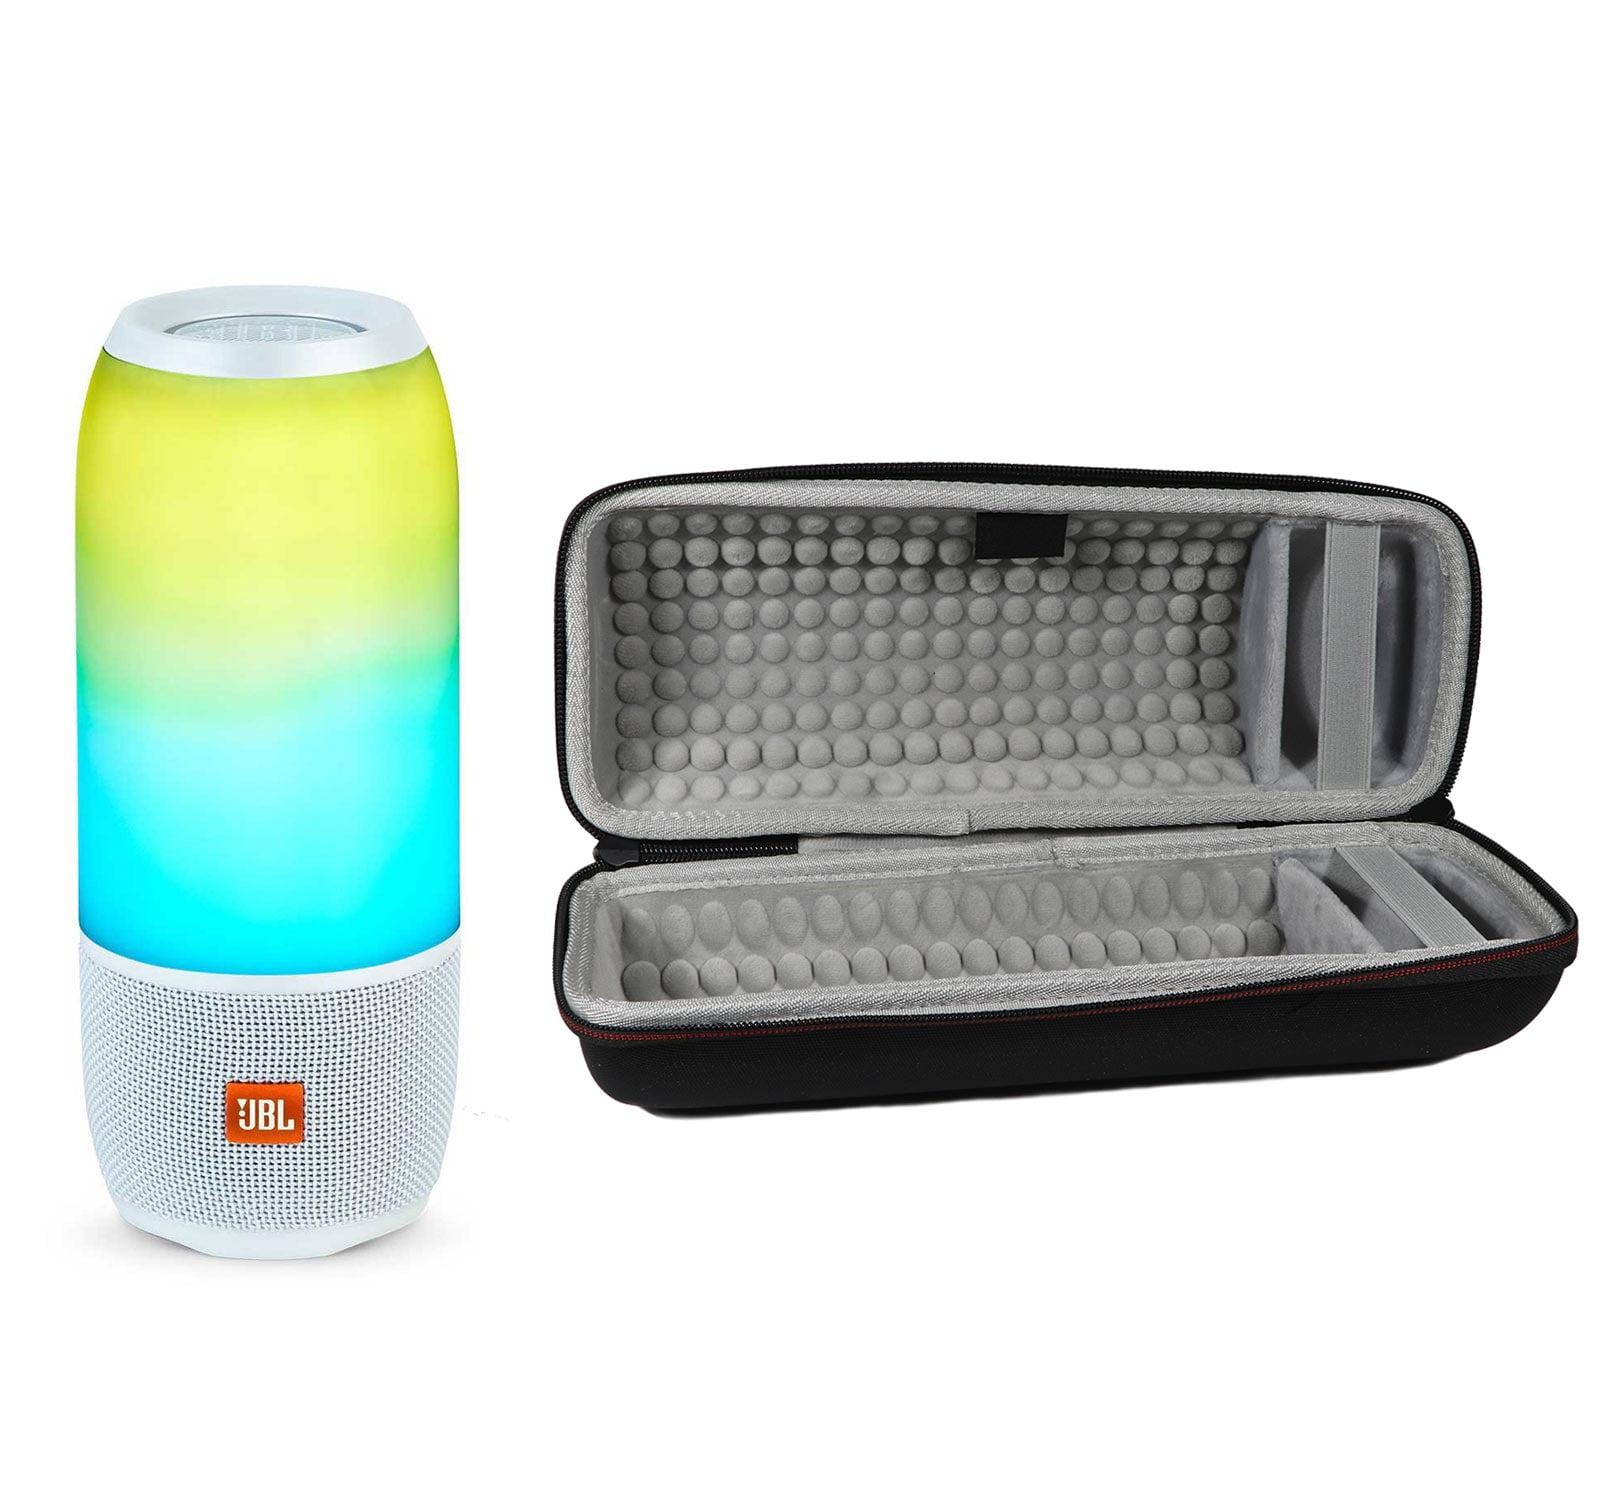 JBL Pulse 3 White Bluetooth Speaker & Hardshell Case Kit by JBL